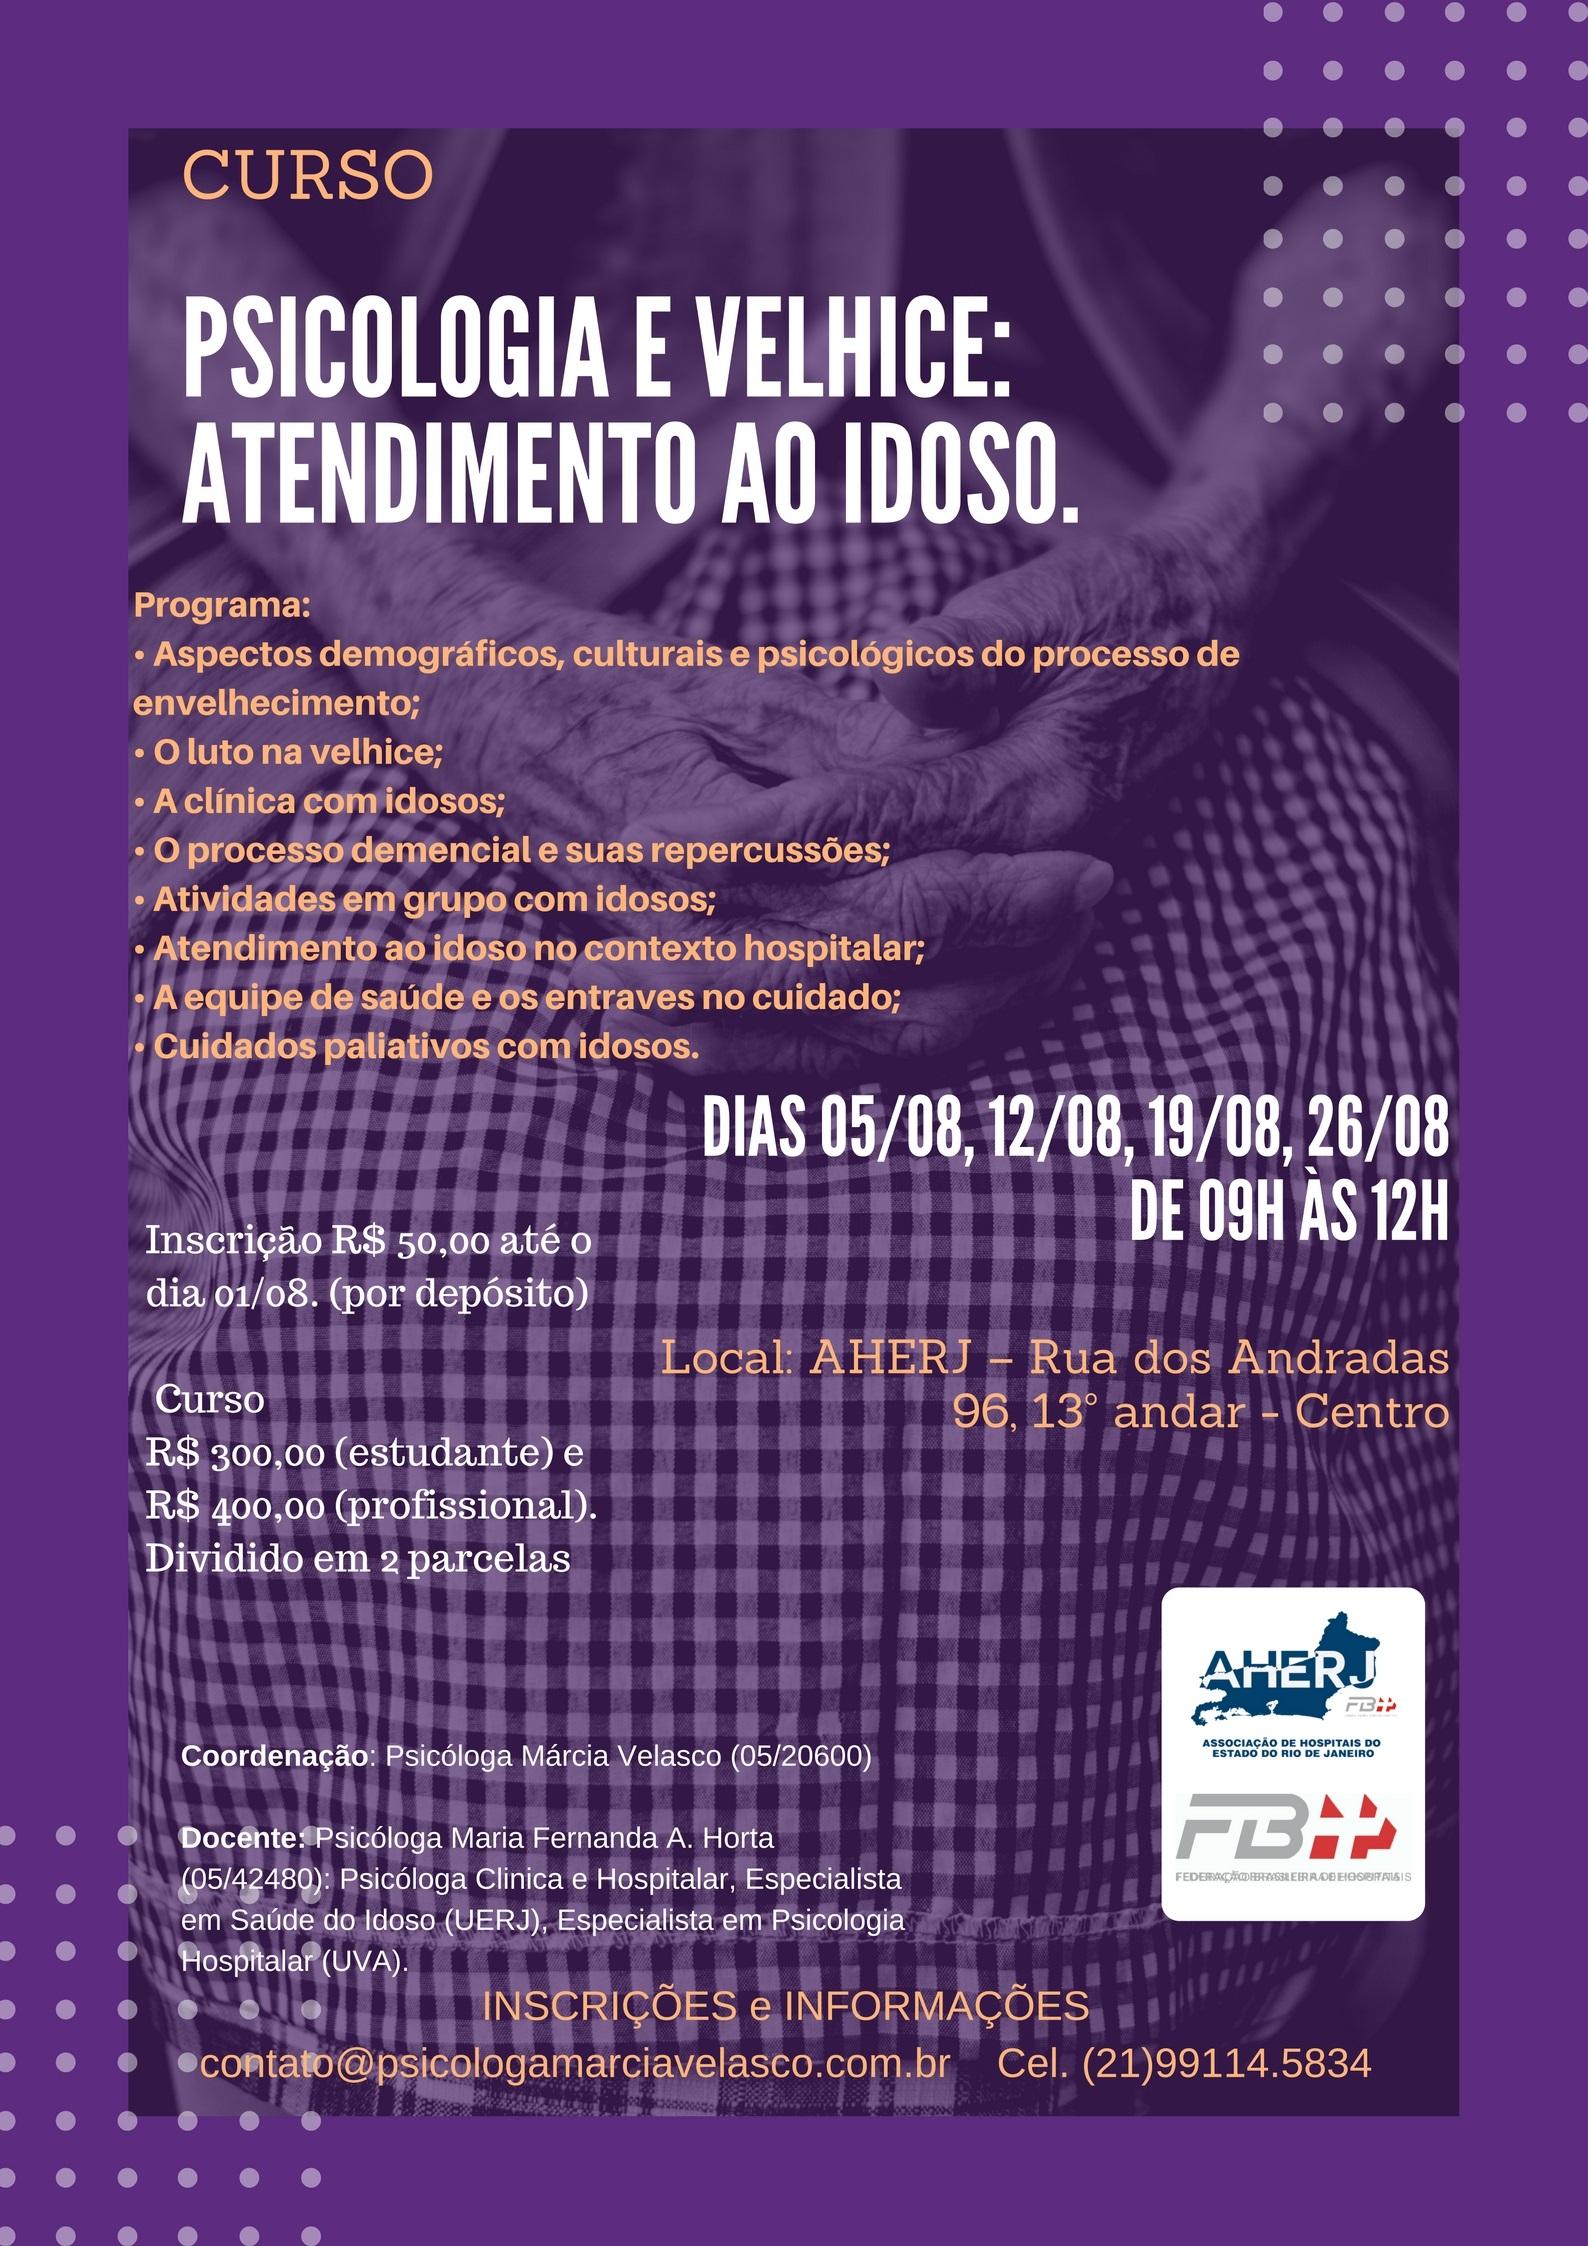 Curso Psicologia e Velhice: Atendimento ao Idoso